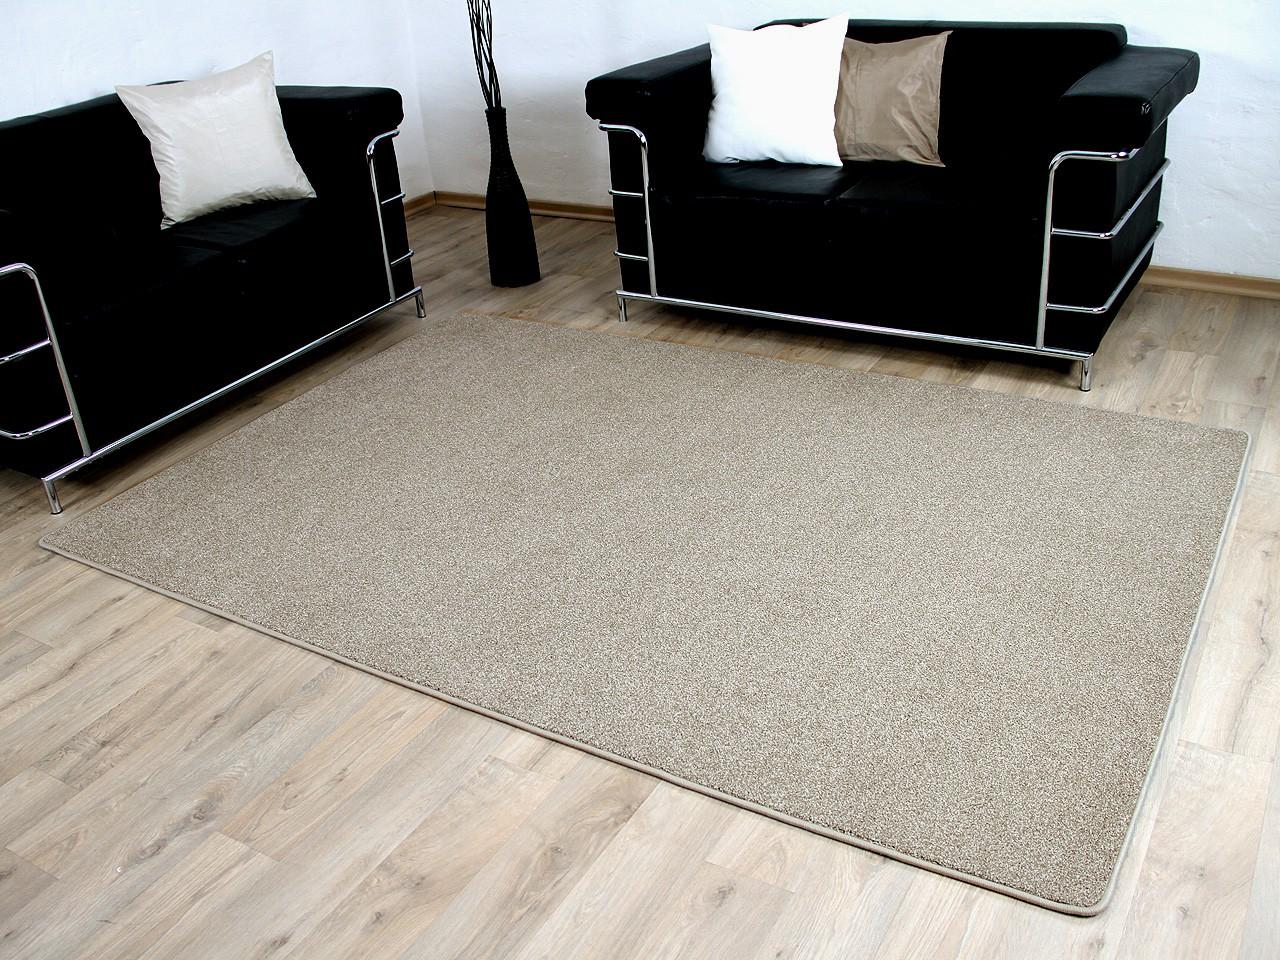 hochflor velours teppich belini melange beige abverkauf teppiche hochflor langflor teppiche. Black Bedroom Furniture Sets. Home Design Ideas